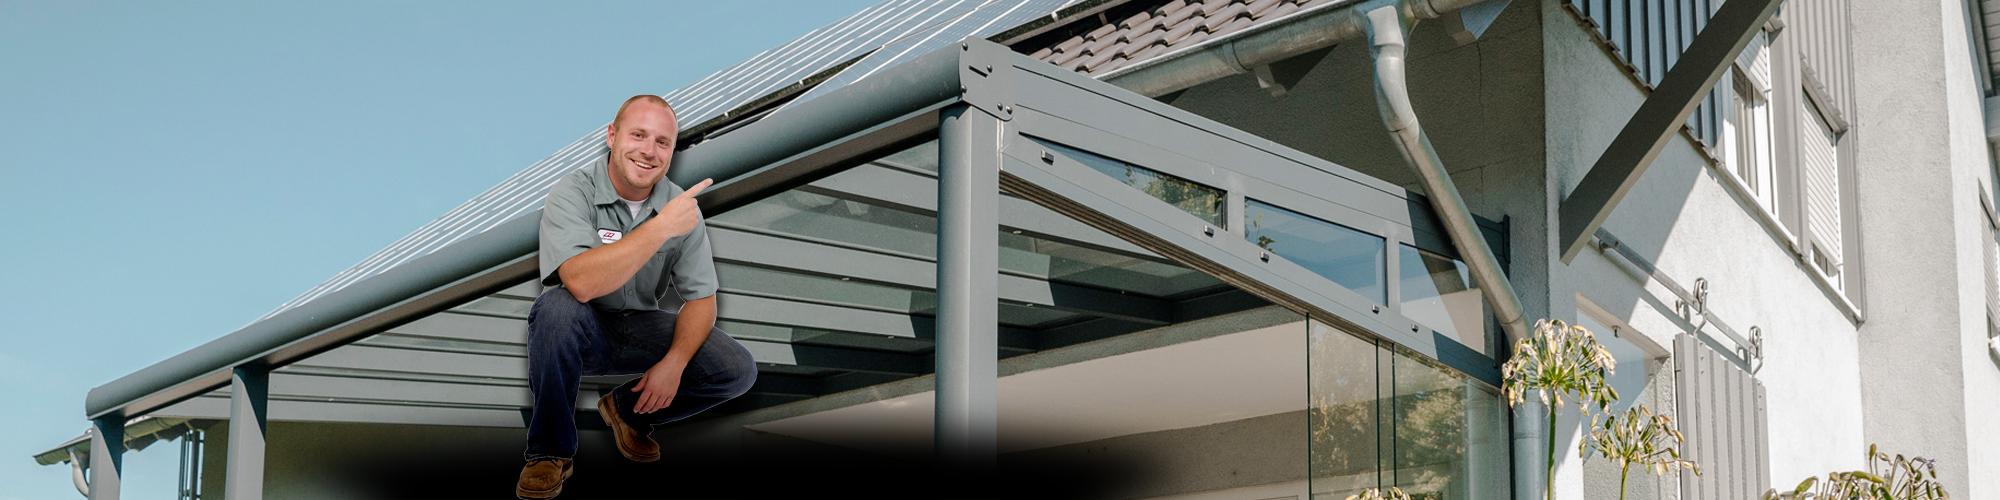 l nger draussen alu terrassen berdachung aluminium terrassendach carport wintergarten. Black Bedroom Furniture Sets. Home Design Ideas